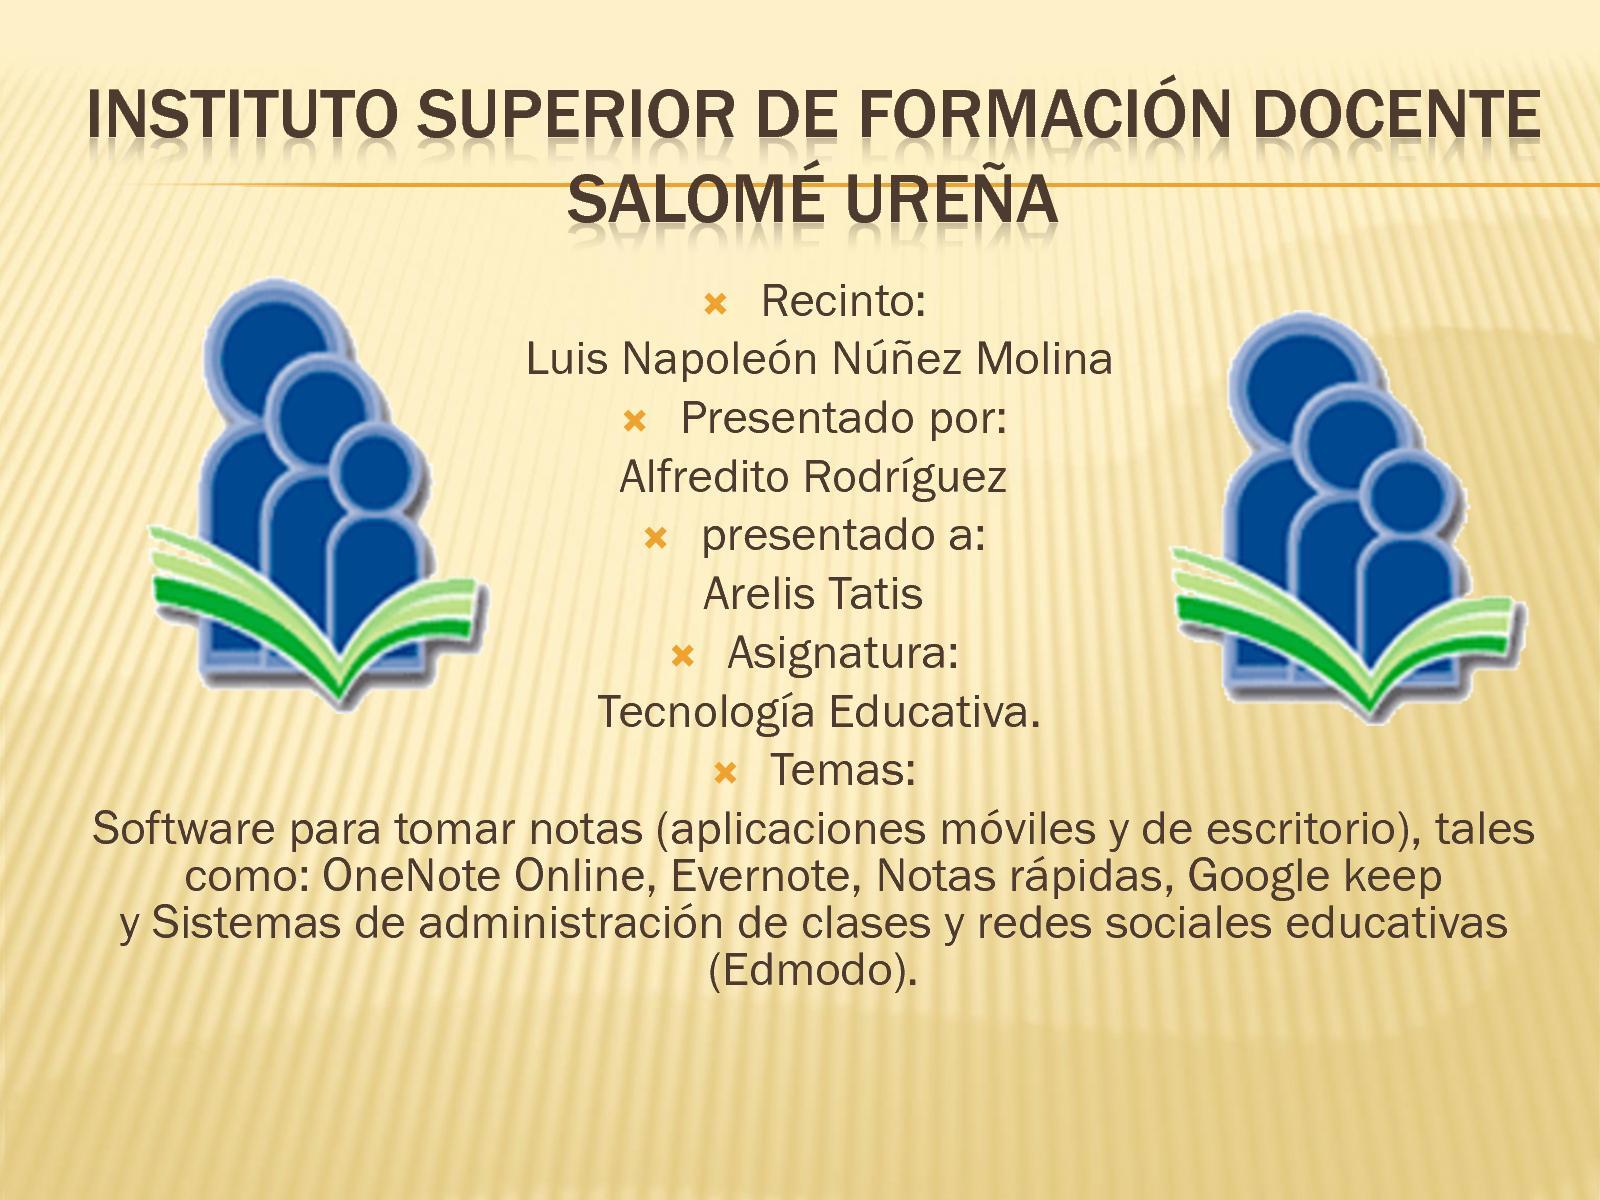 Calam o instituto superior de formaci n docente salom for Instituto formacion docente